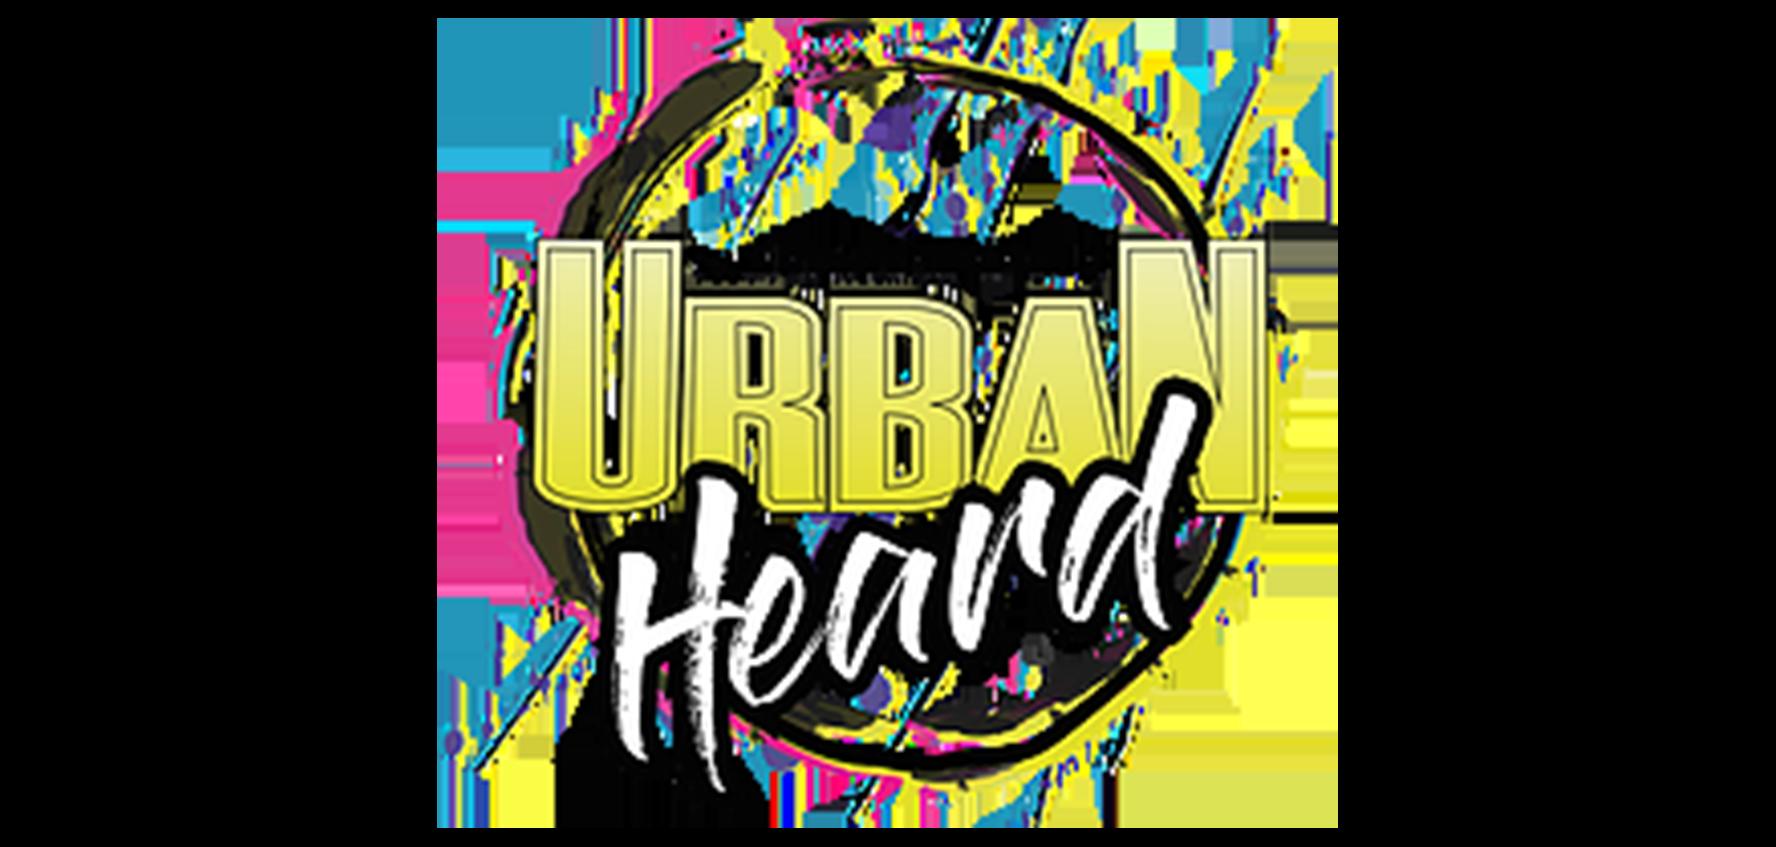 Urban_Heard